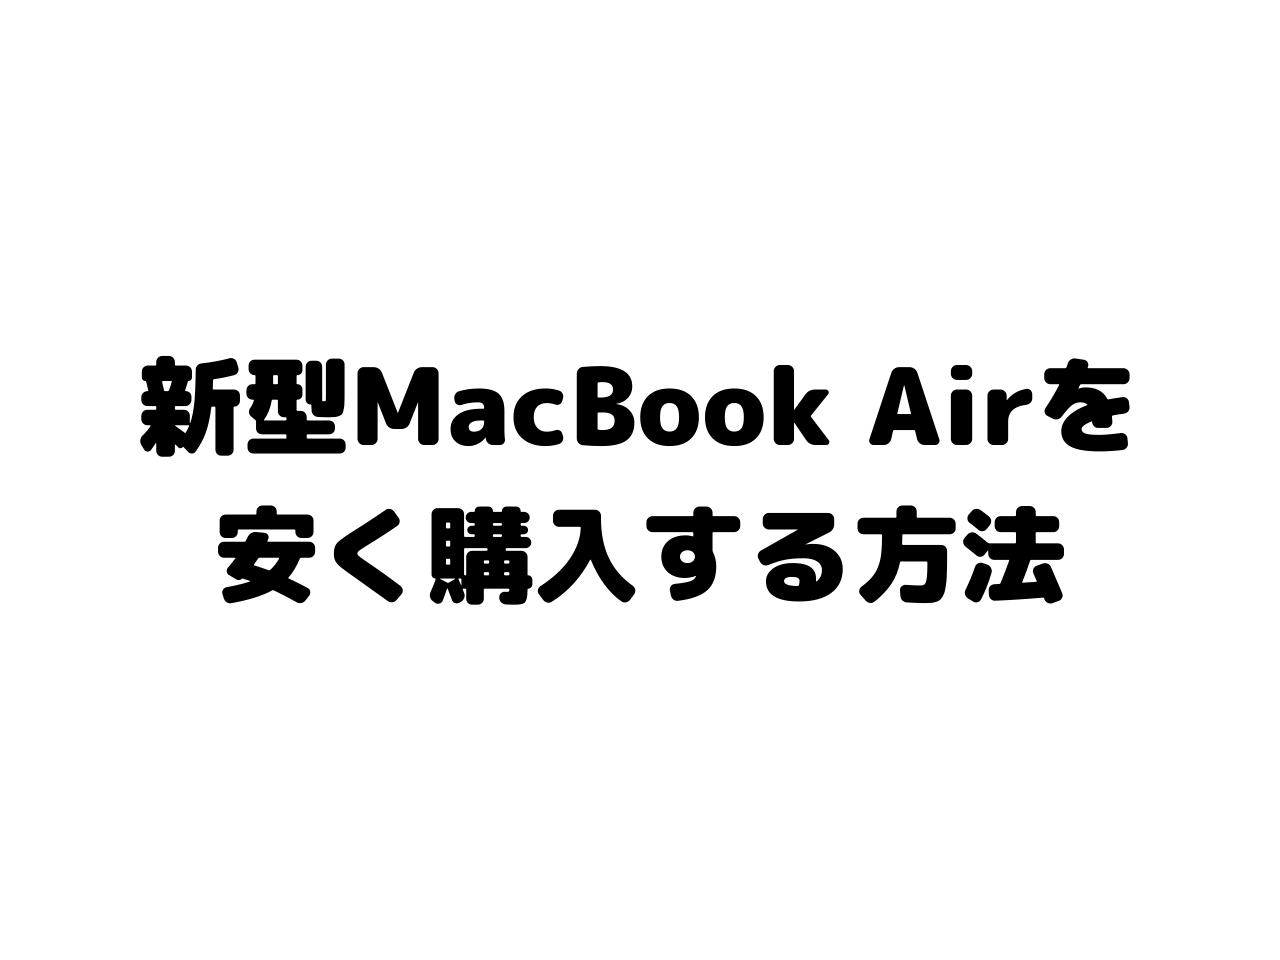 新型MacBook Airを 安く購入する方法